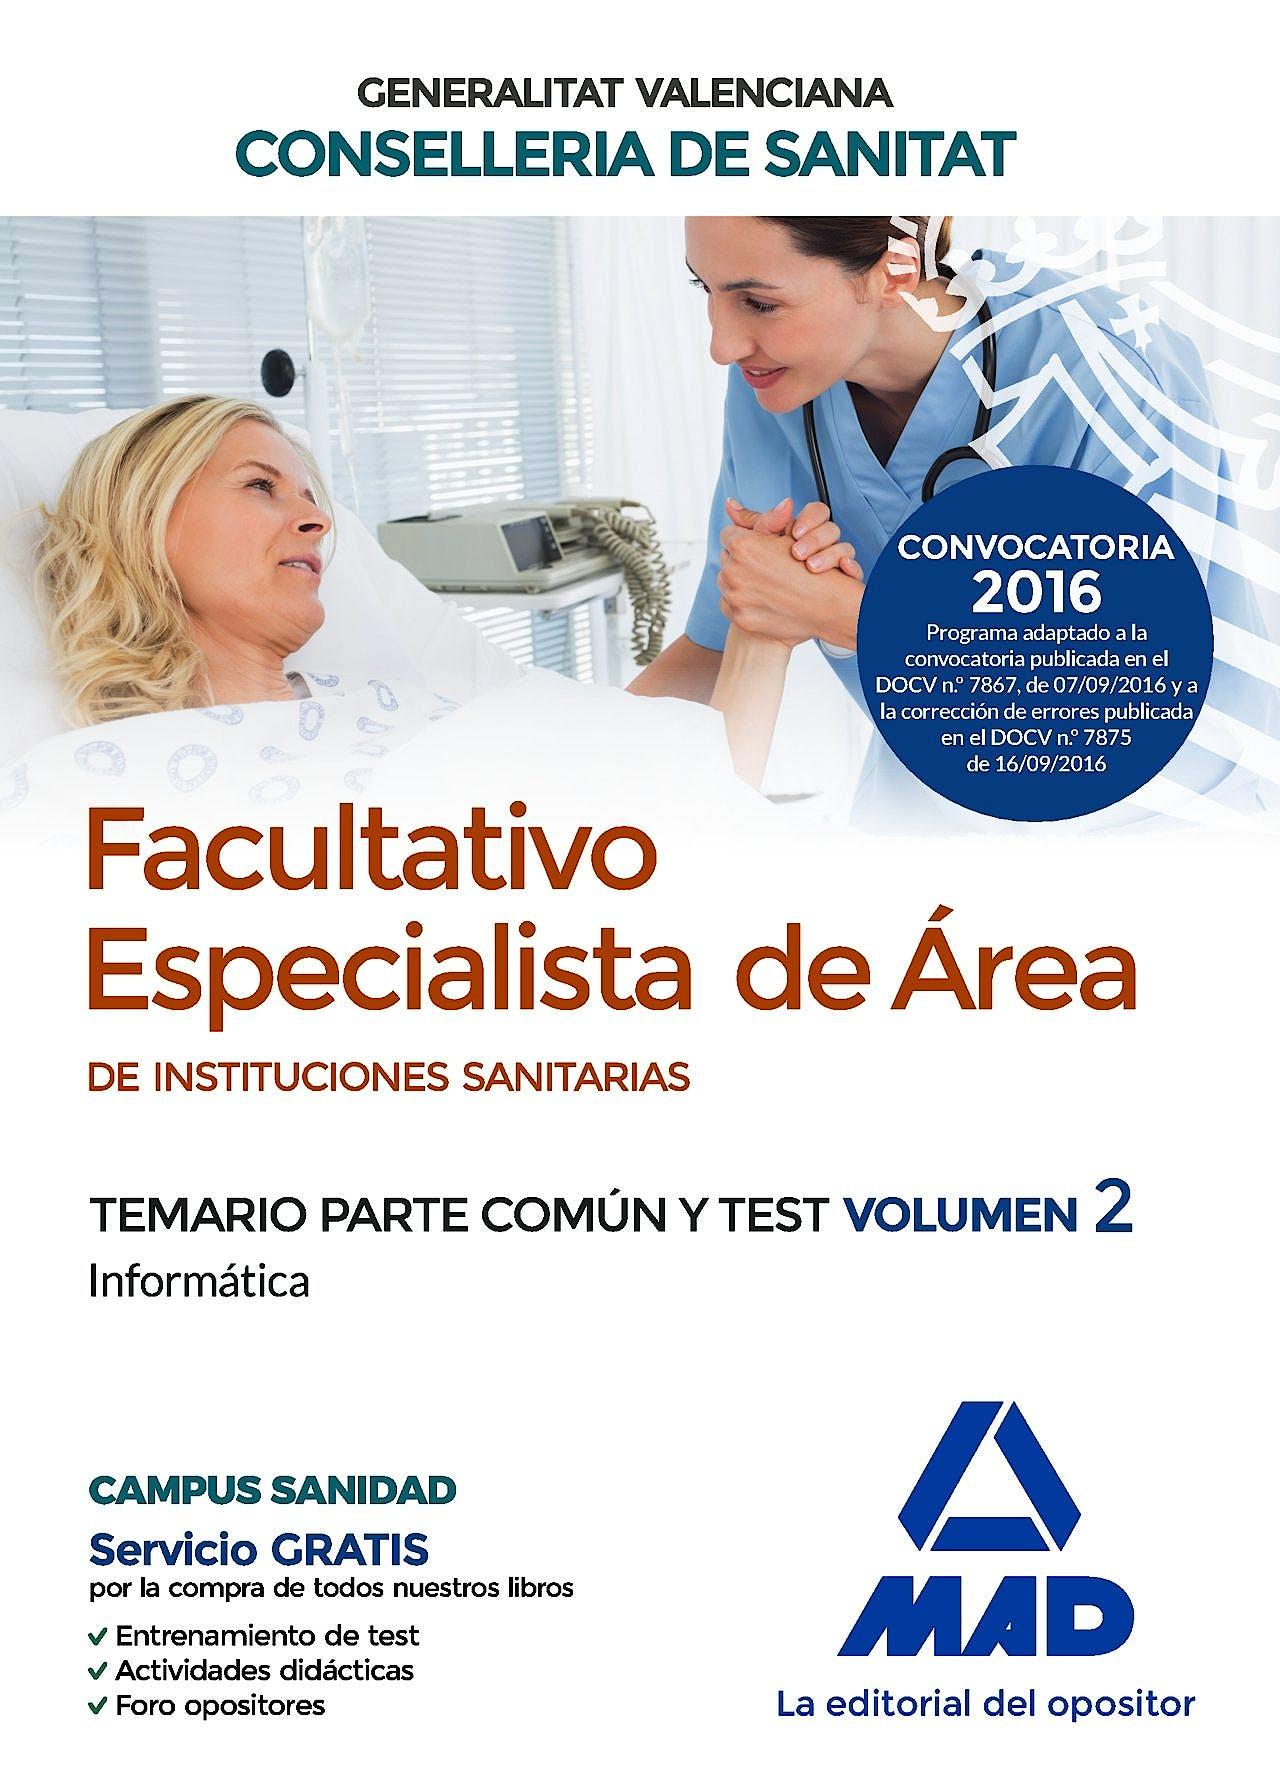 Portada del libro 9788414200773 Facultativo Especialista de Area de Instituciones Sanitarias Generalitat Valenciana Conselleria de Sanitat. Temario Parte Comun y Test, Vol. 2